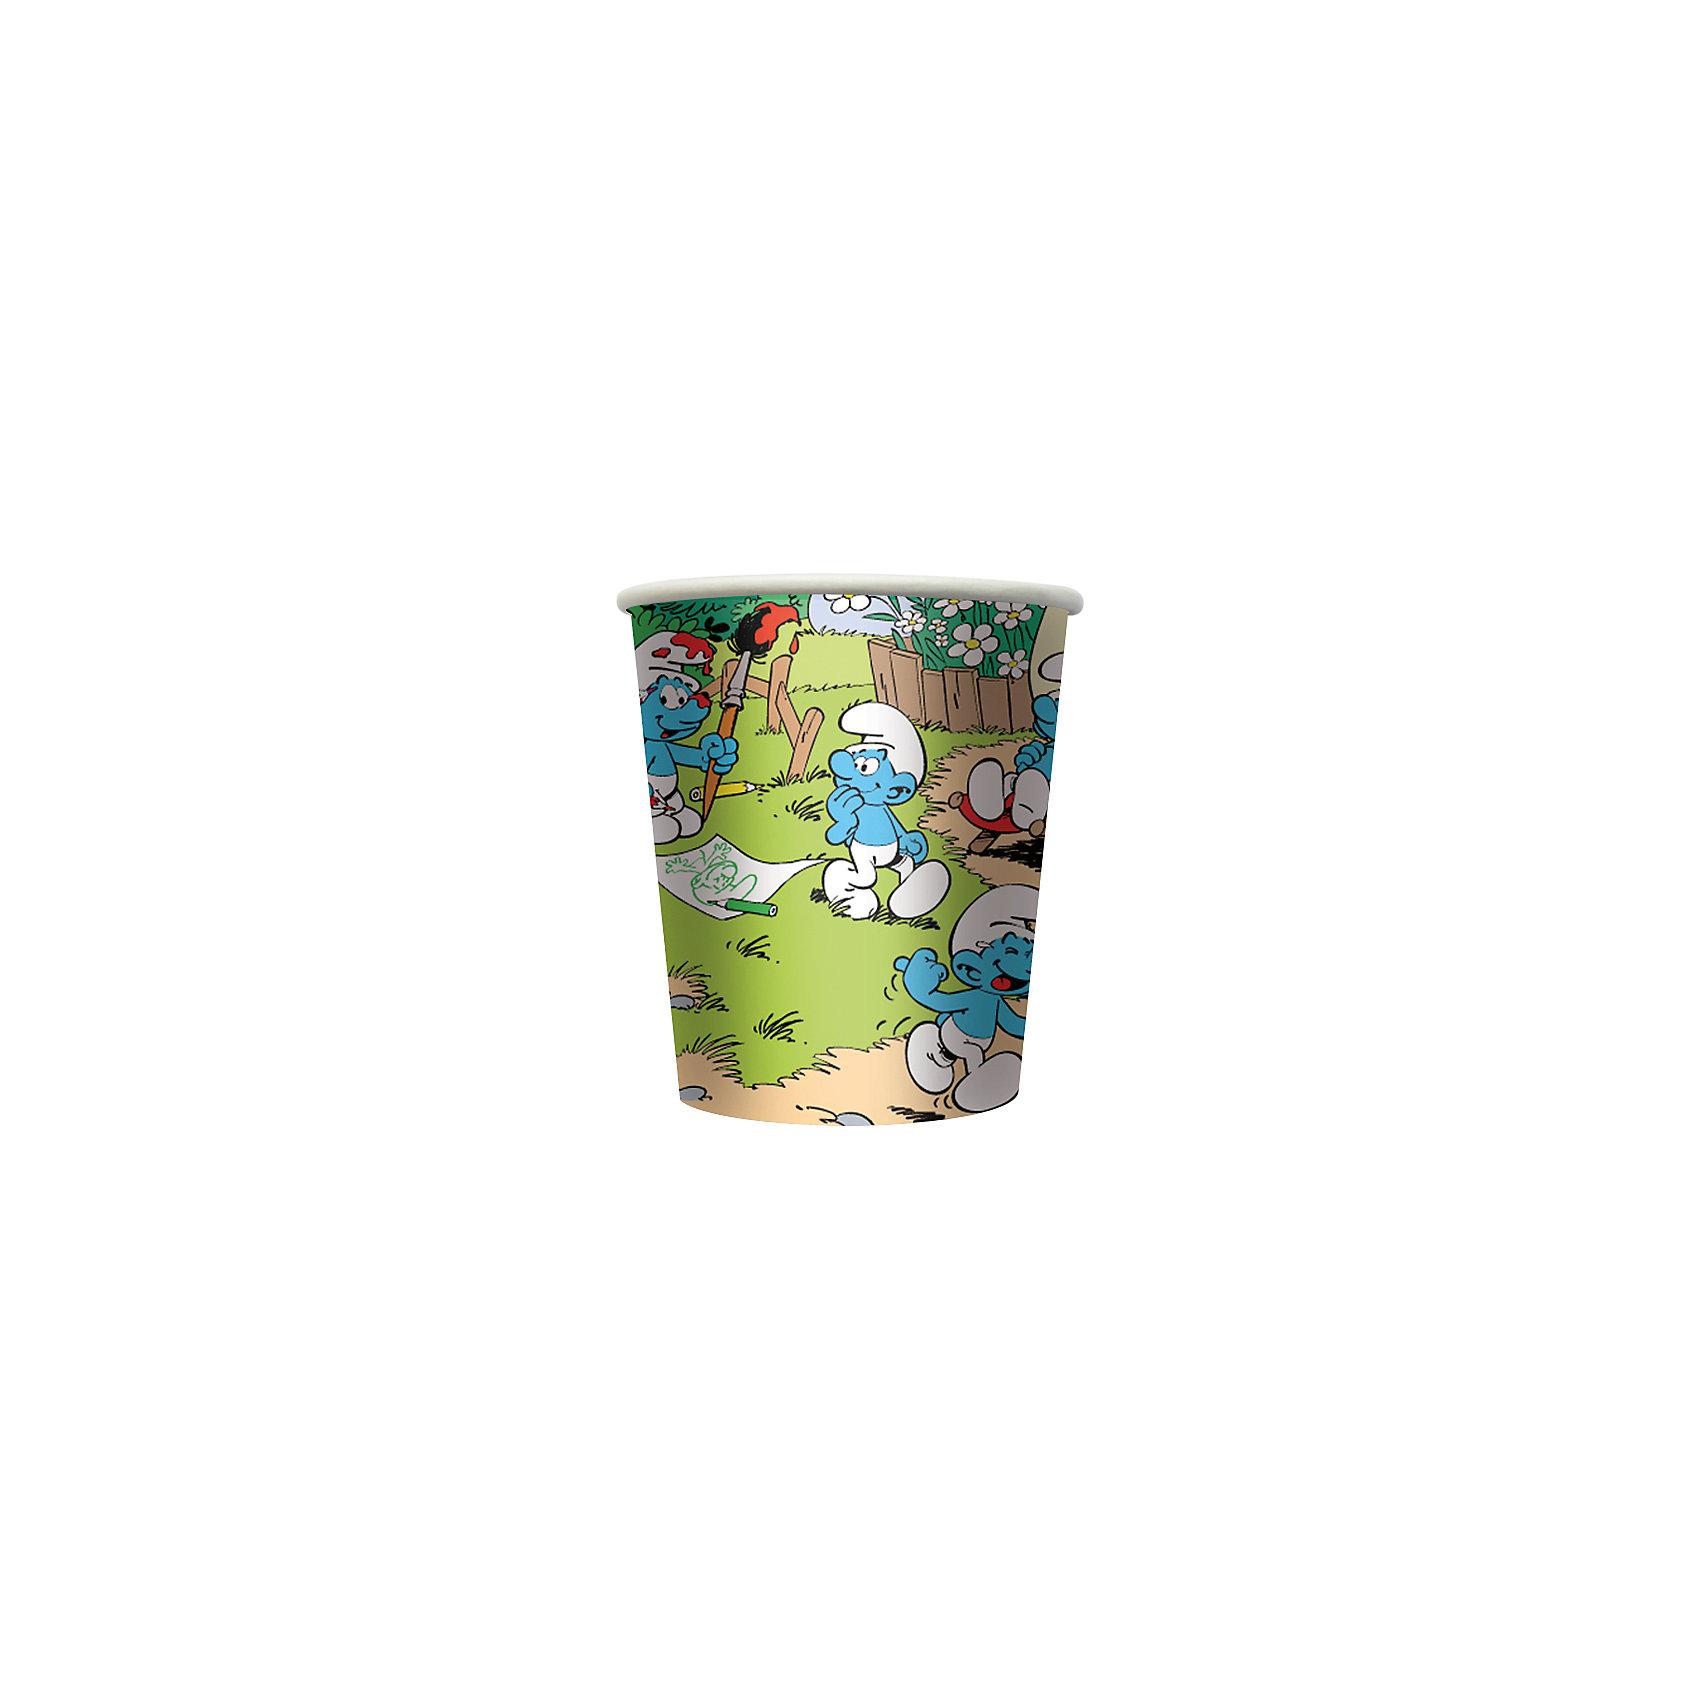 Стакан бумажный Приключения смурфиков (10 шт)Набор бумажных стаканов Приключения смурфиков замечательно подойдет для детского праздника и сделает его ярче и веселее. Комплект включает в себя 10 красочных стаканов, которые выполнены по мотивам популярного мультсериала Смурфики и украшены изображениями его персонажей - забавных волшебных человечков. Благодаря специальному покрытию стаканы отлично удерживают напитки, не промокают, не протекают и надолго сохраняют опрятный внешний вид. <br><br>Дополнительная информация:<br><br>- В комплекте: 10 стаканов.<br>- Материал: картон.<br>- Объем стакана: 210 мл.<br>- Размер упаковки: 7,2 х 7,2 х 12 см.<br>- Вес: 56 гр.<br><br>Стакан бумажный Приключения смурфиков, 10 шт., можно купить в нашем интернет-магазине.<br><br>Ширина мм: 72<br>Глубина мм: 72<br>Высота мм: 120<br>Вес г: 560<br>Возраст от месяцев: 36<br>Возраст до месяцев: 108<br>Пол: Унисекс<br>Возраст: Детский<br>SKU: 4046804